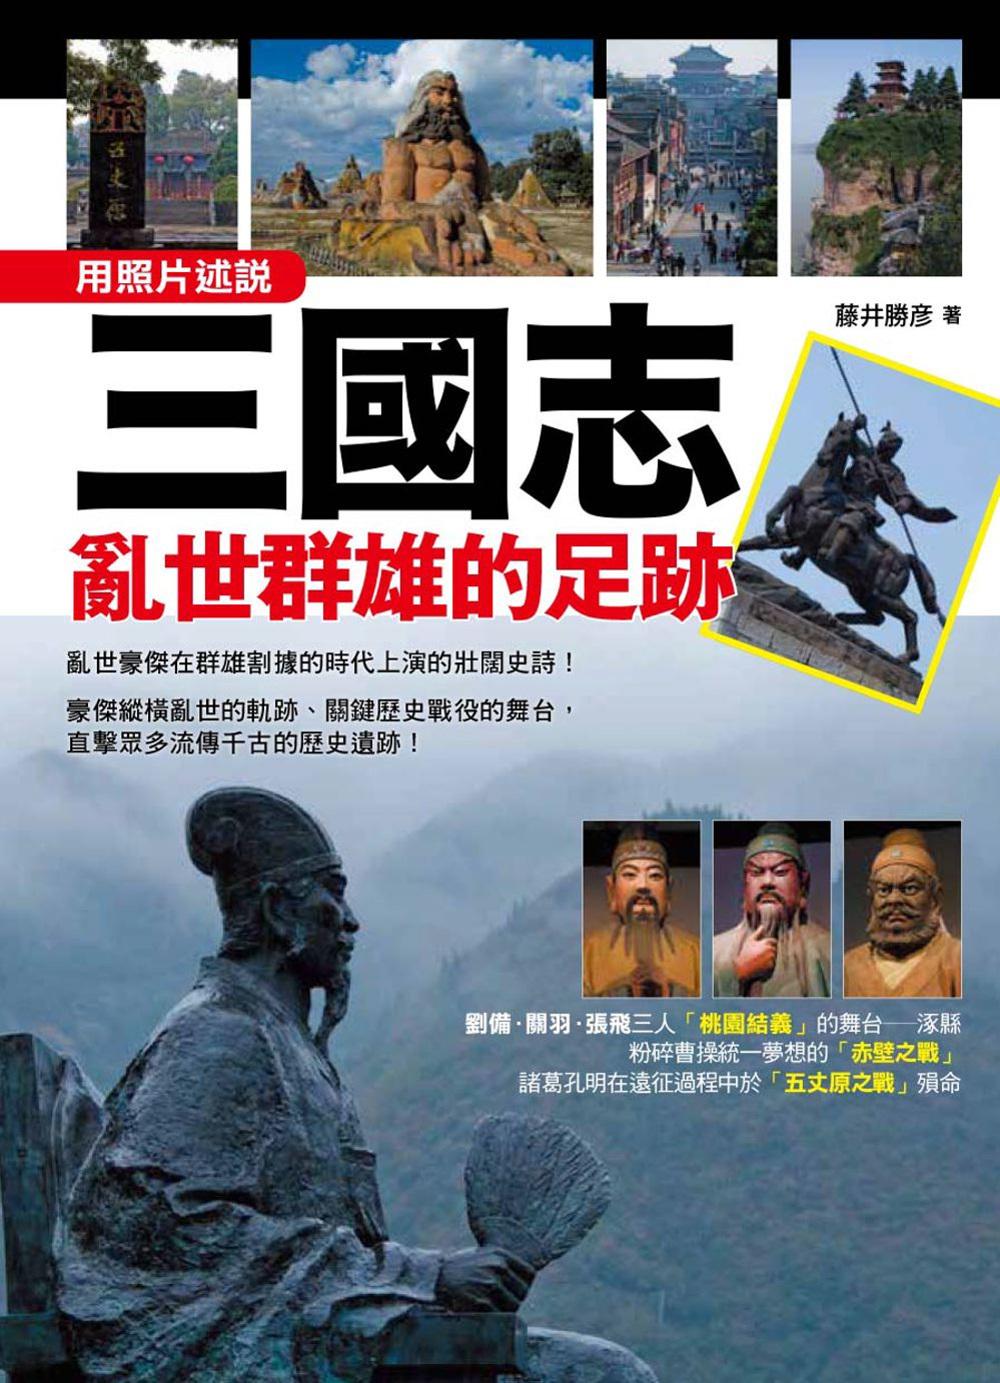 輕鬆讀歷史 三國志:亂世群雄的足跡